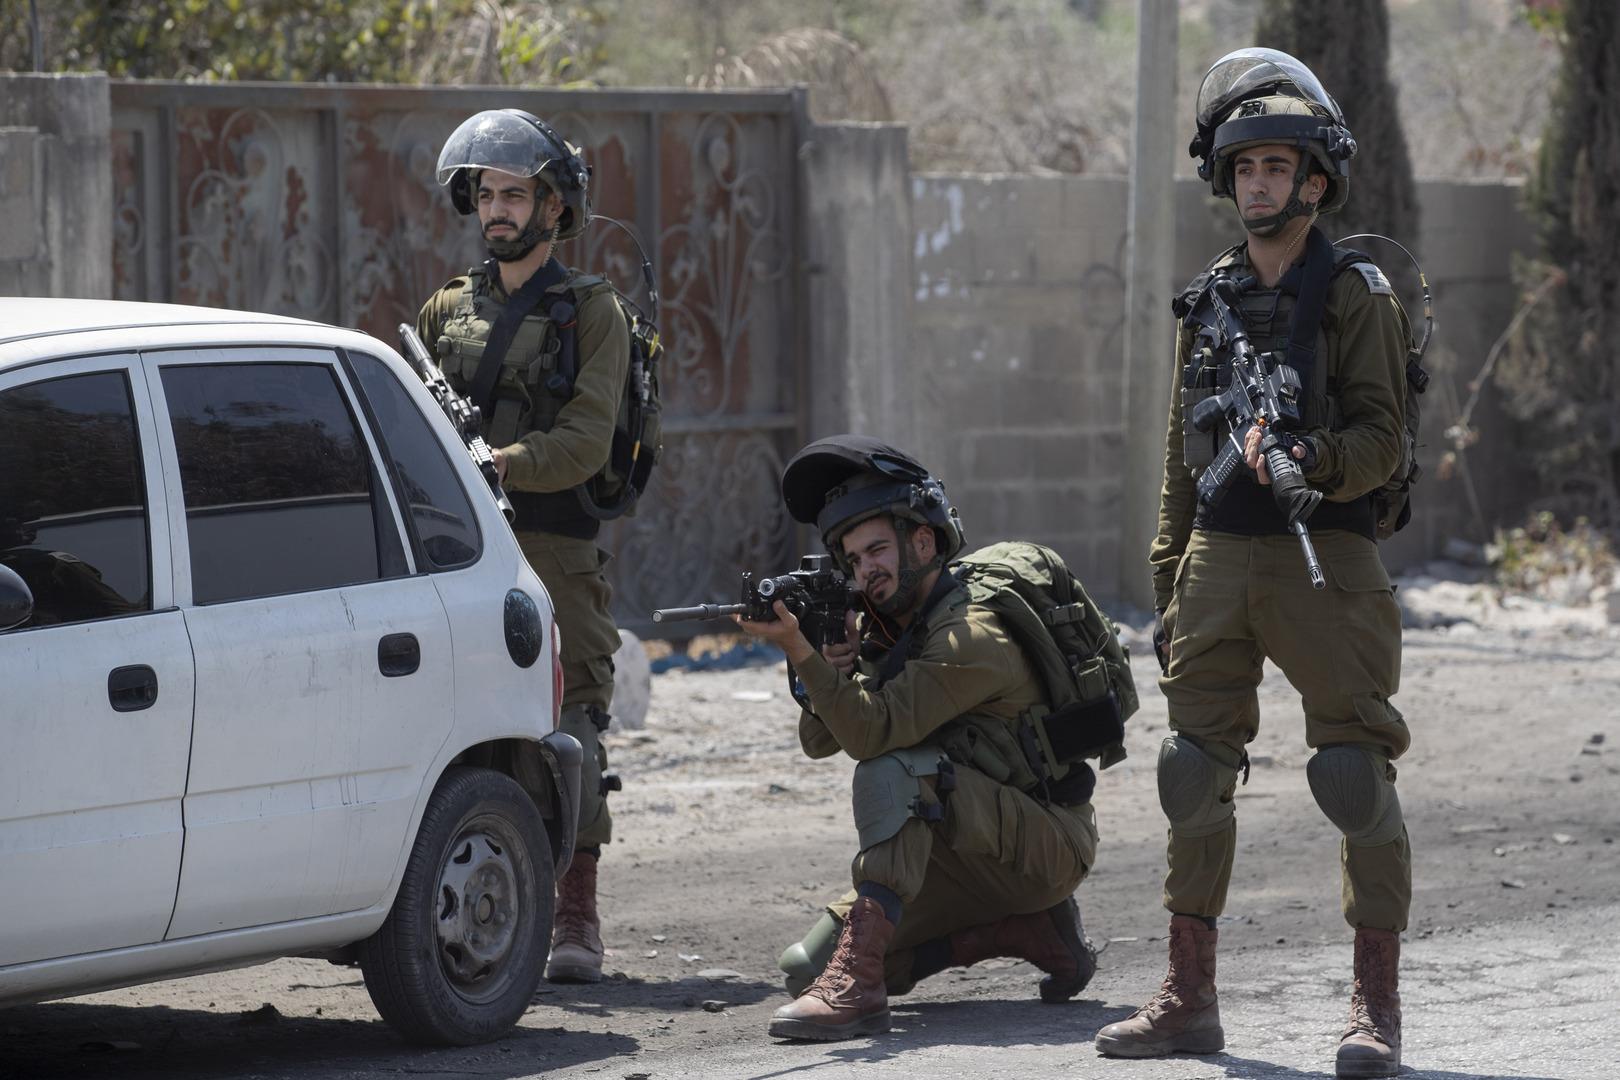 إسرائيل.. تشكيل لجنة للتحقيق في هروب الأسرى الستة من